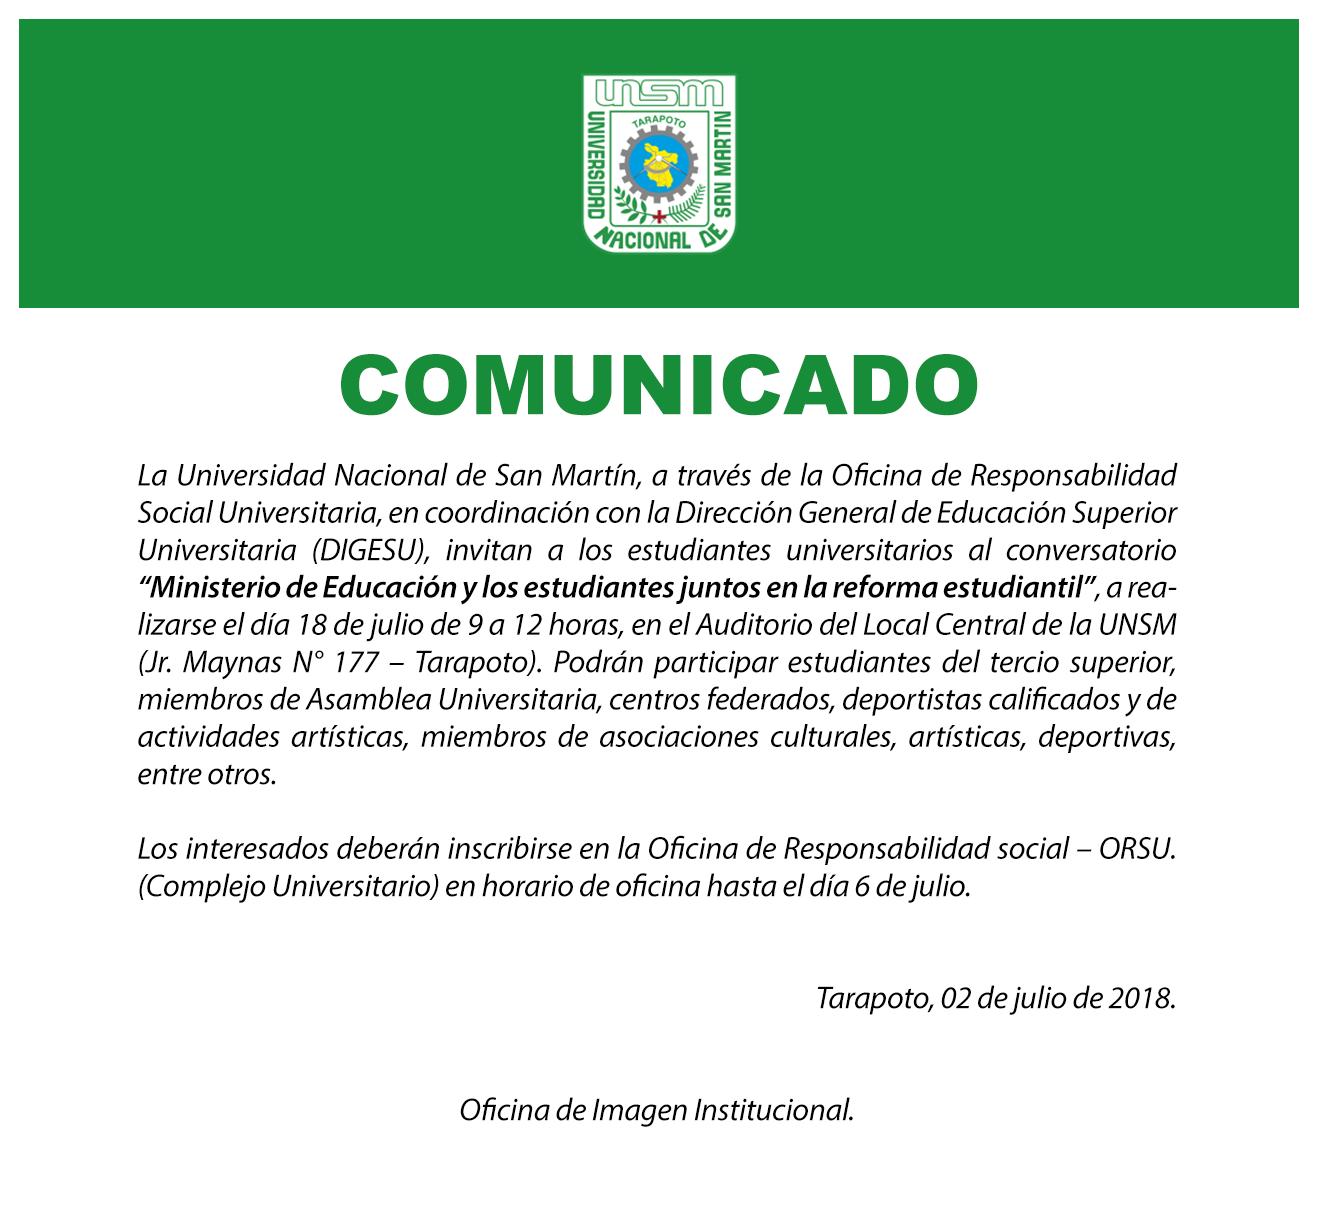 05 - COMUNICADO 020718